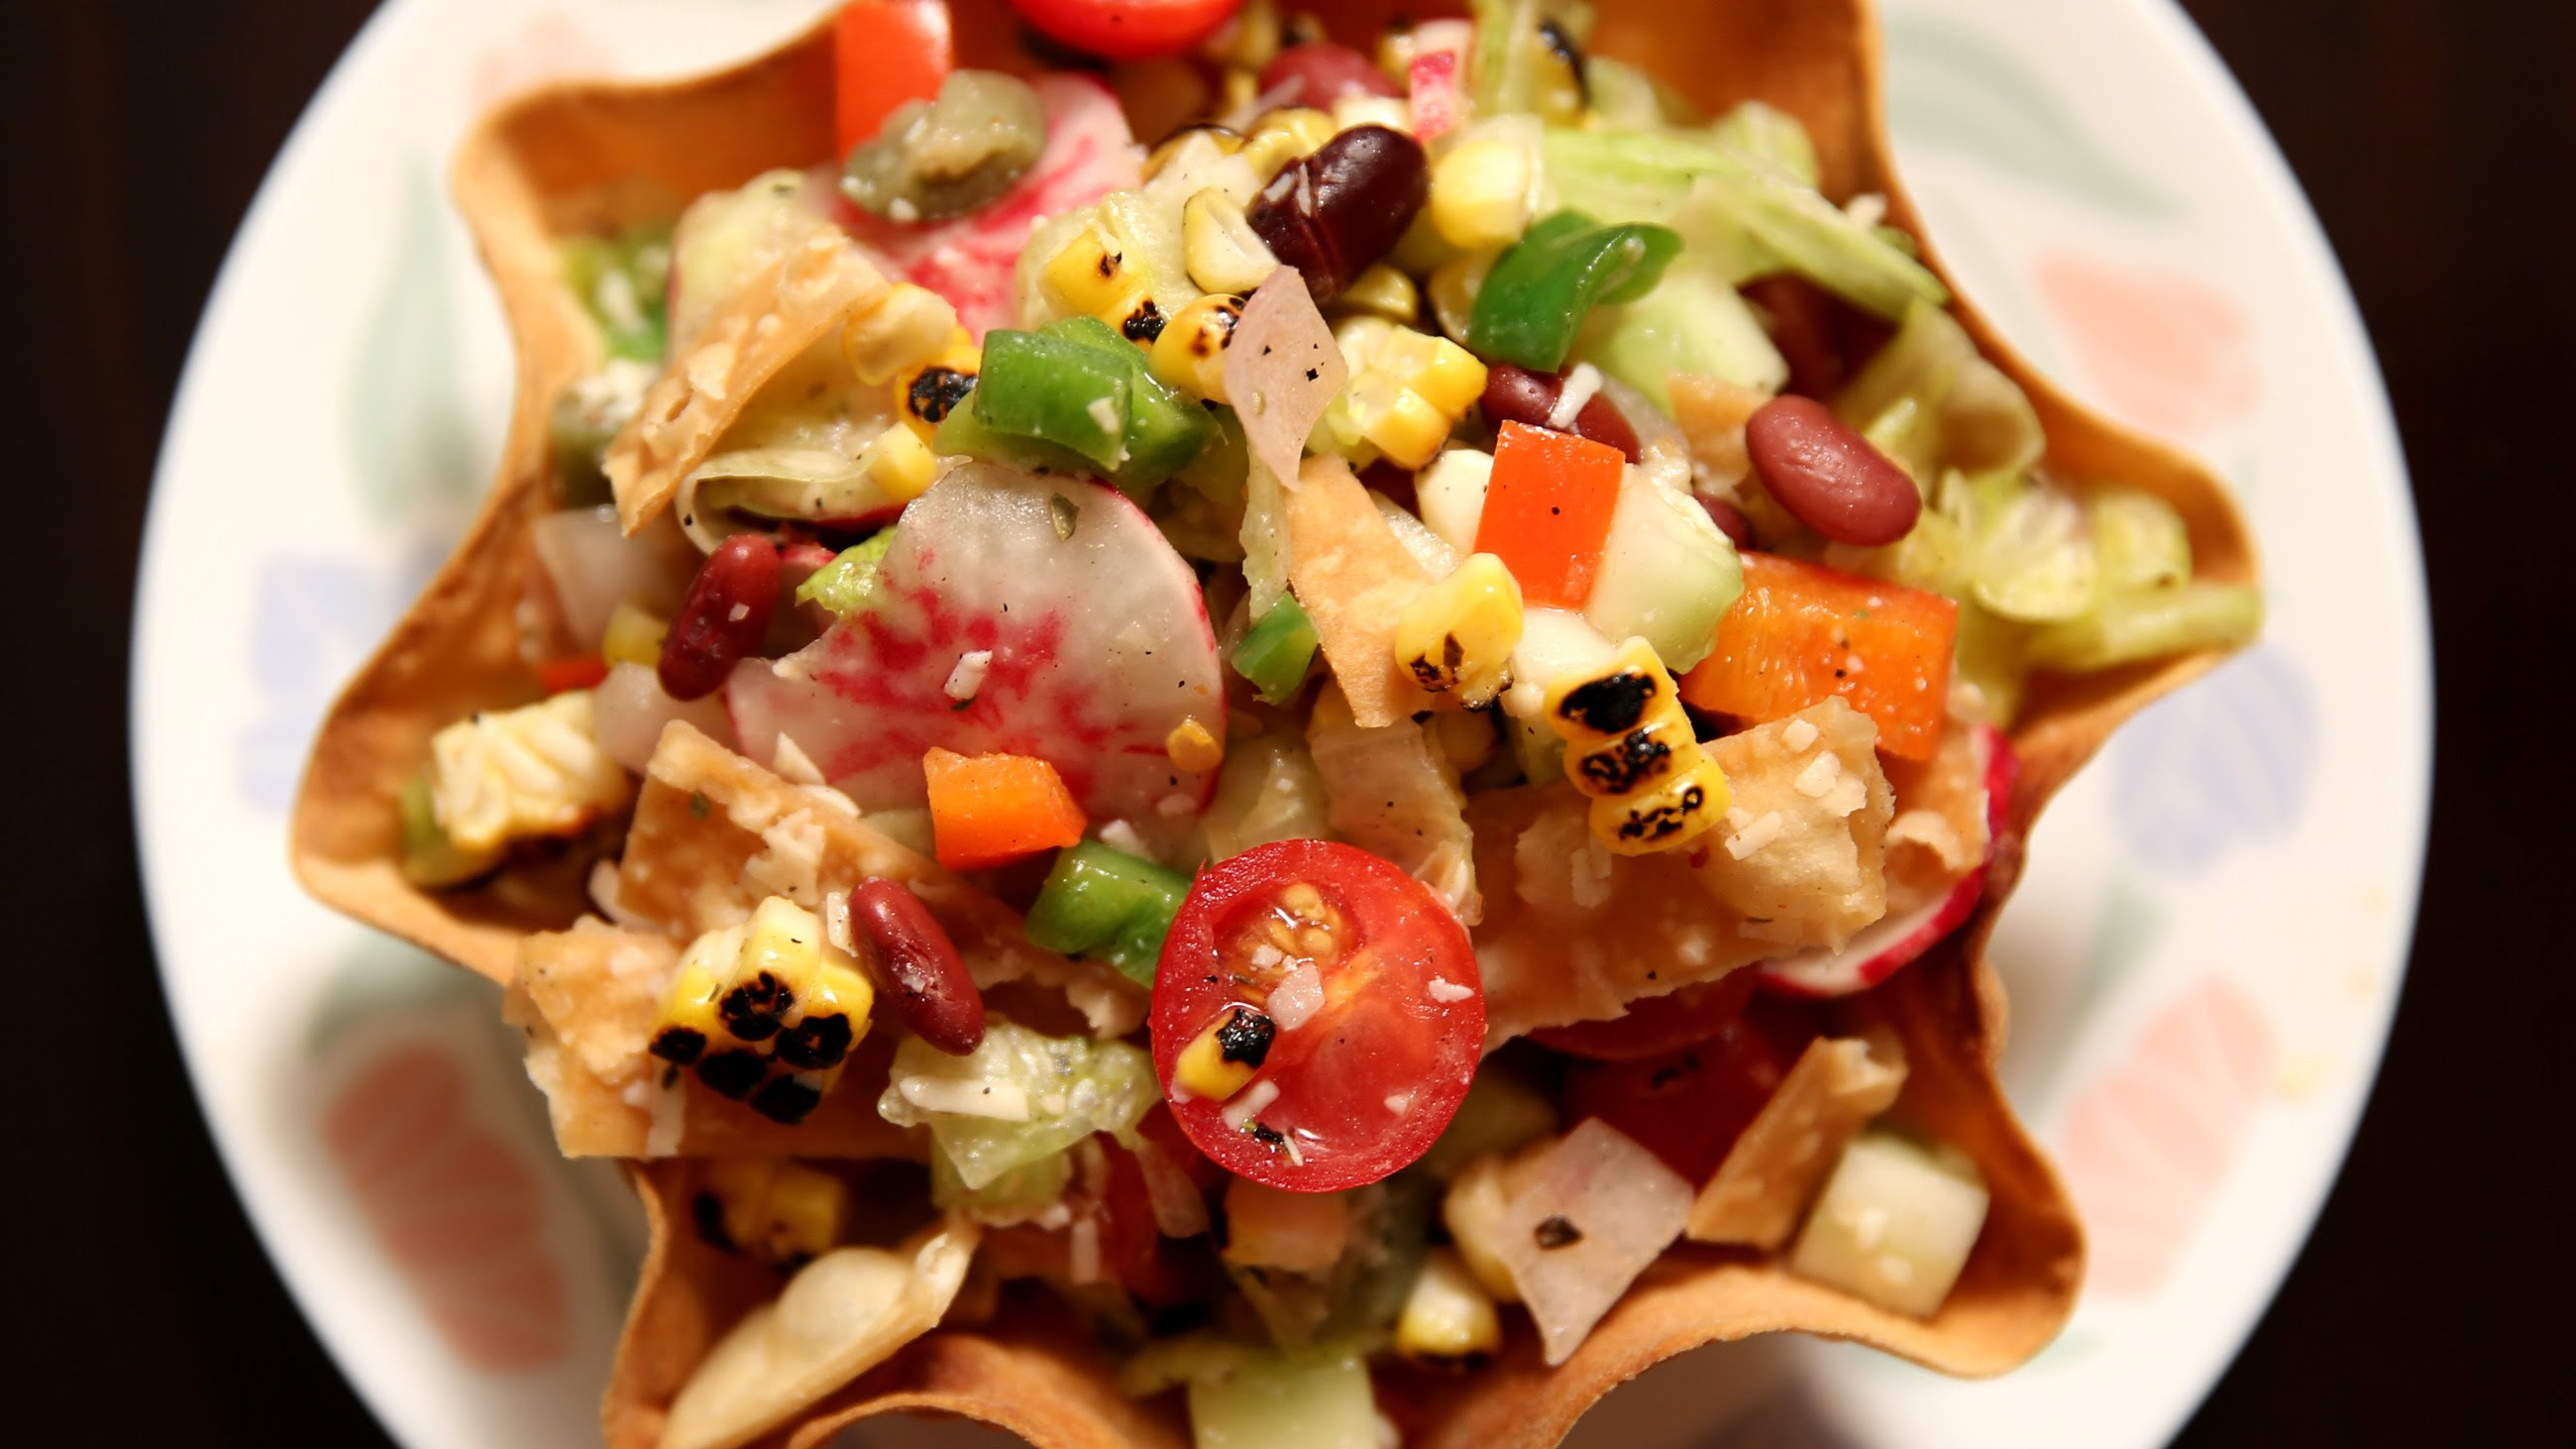 Mexican Healthy Recipes  Mexican Style Salad Healthy Salad Recipe